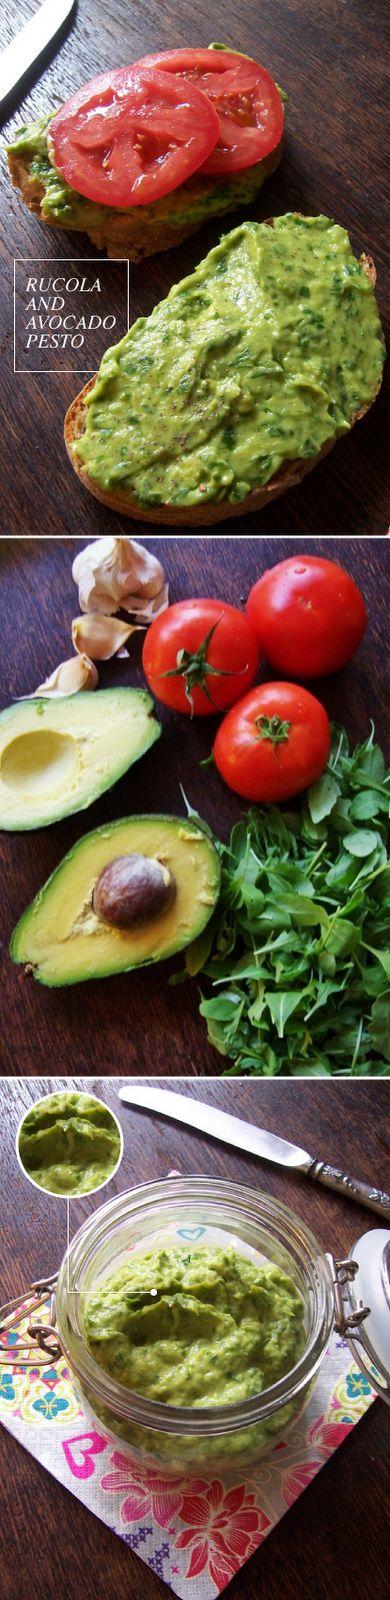 exPress-o: exPress-o Originals: Rucola & Avocado Pesto